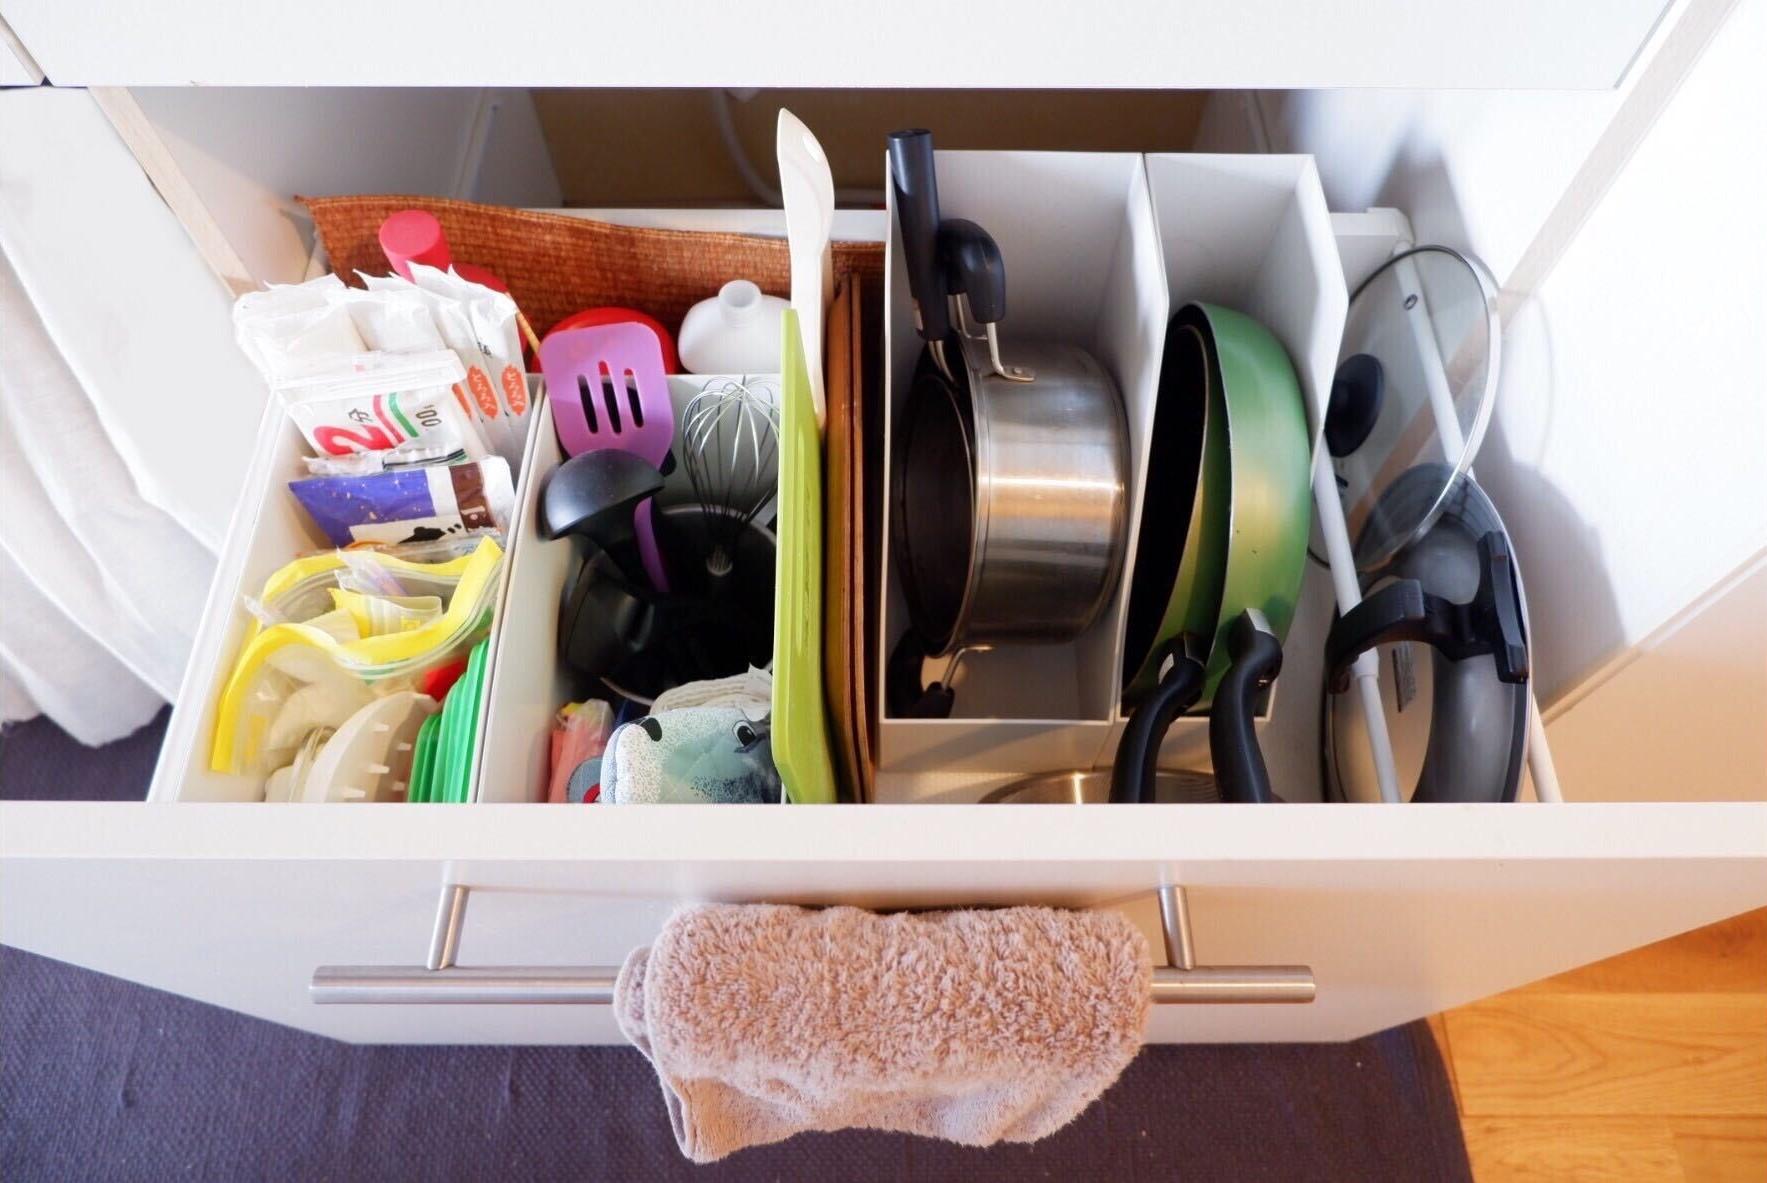 重ねてしまいがちな鍋やタッパーは、縦にすることで収納スペースをプラス。無印良品では様々なサイズを取り扱っているのが嬉しいですね。(アイテム紹介記事を見る)